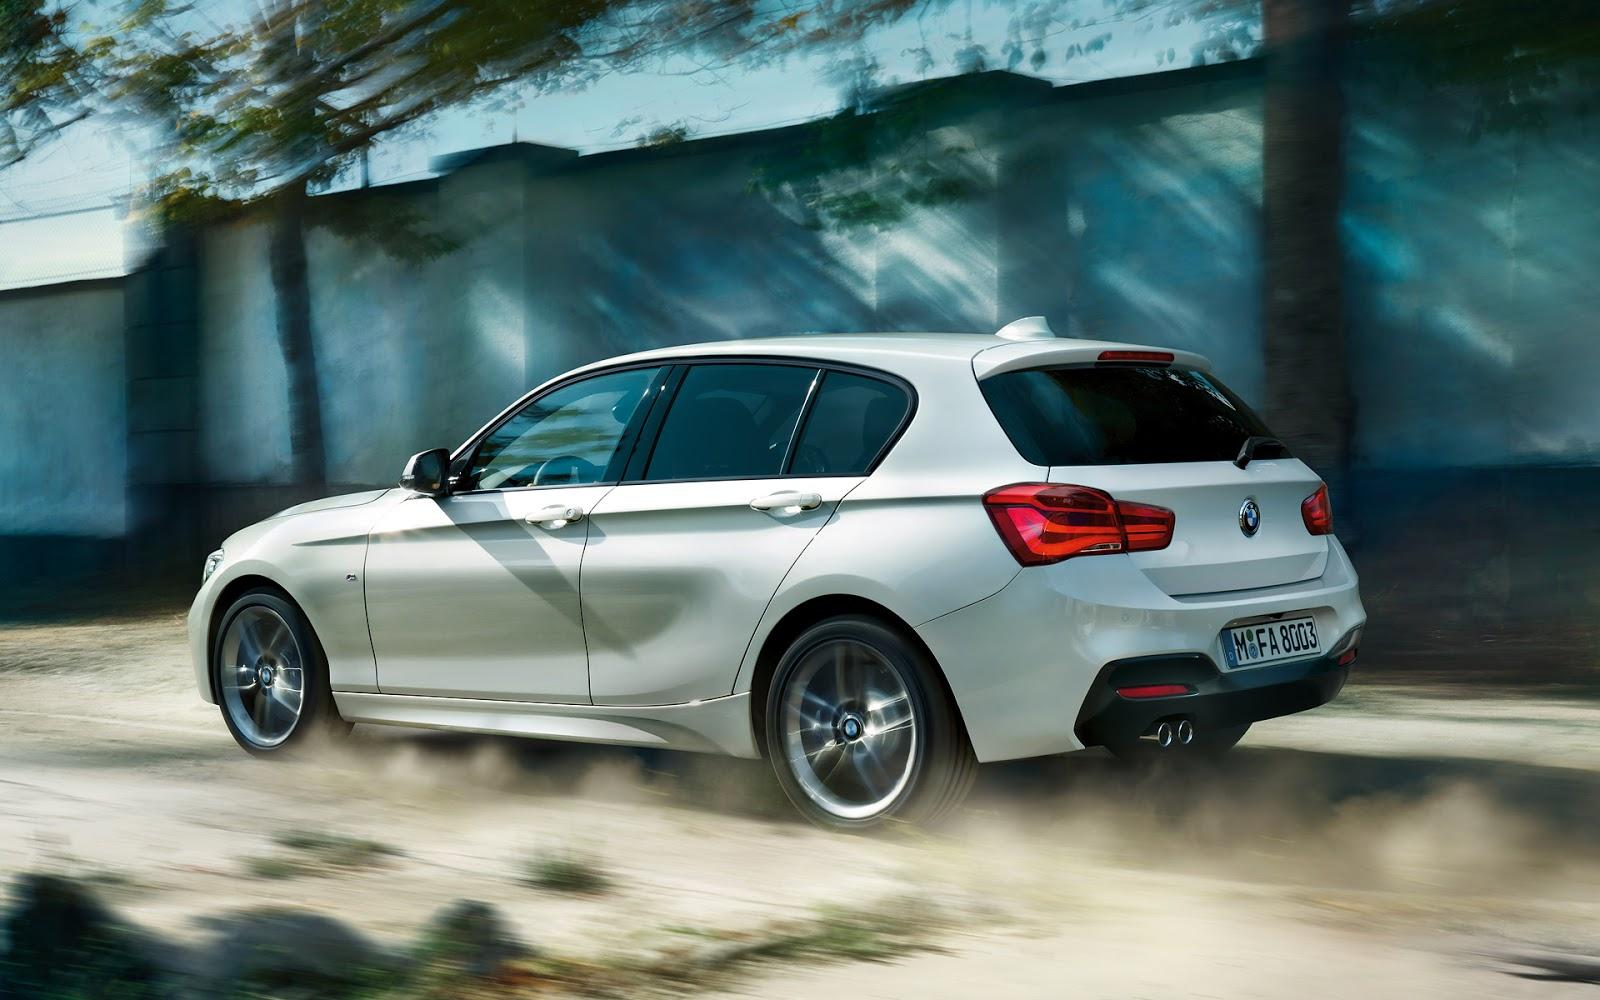 Bagagliaio BMW Serie 1 (5 porte): capacità volumetrica in litri